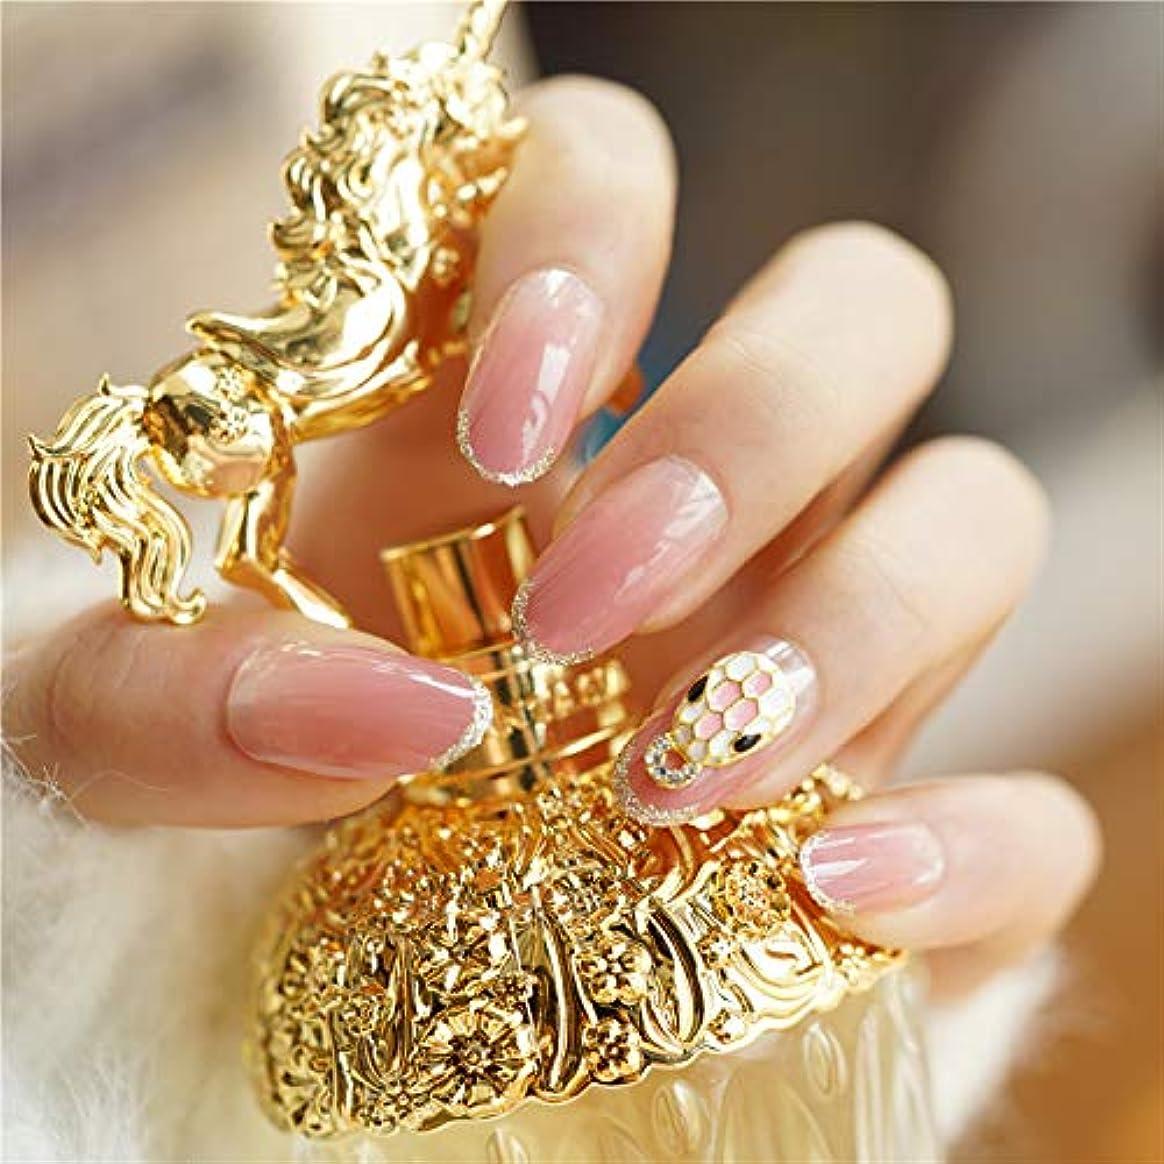 肥料襟常習者24枚セット ネイルチップ 付け爪 お嫁さんつけ爪 ネイルシール 3D可愛い飾り 爪先金回し 水しいピンク色変化デザインネイルチップ (ピンク)